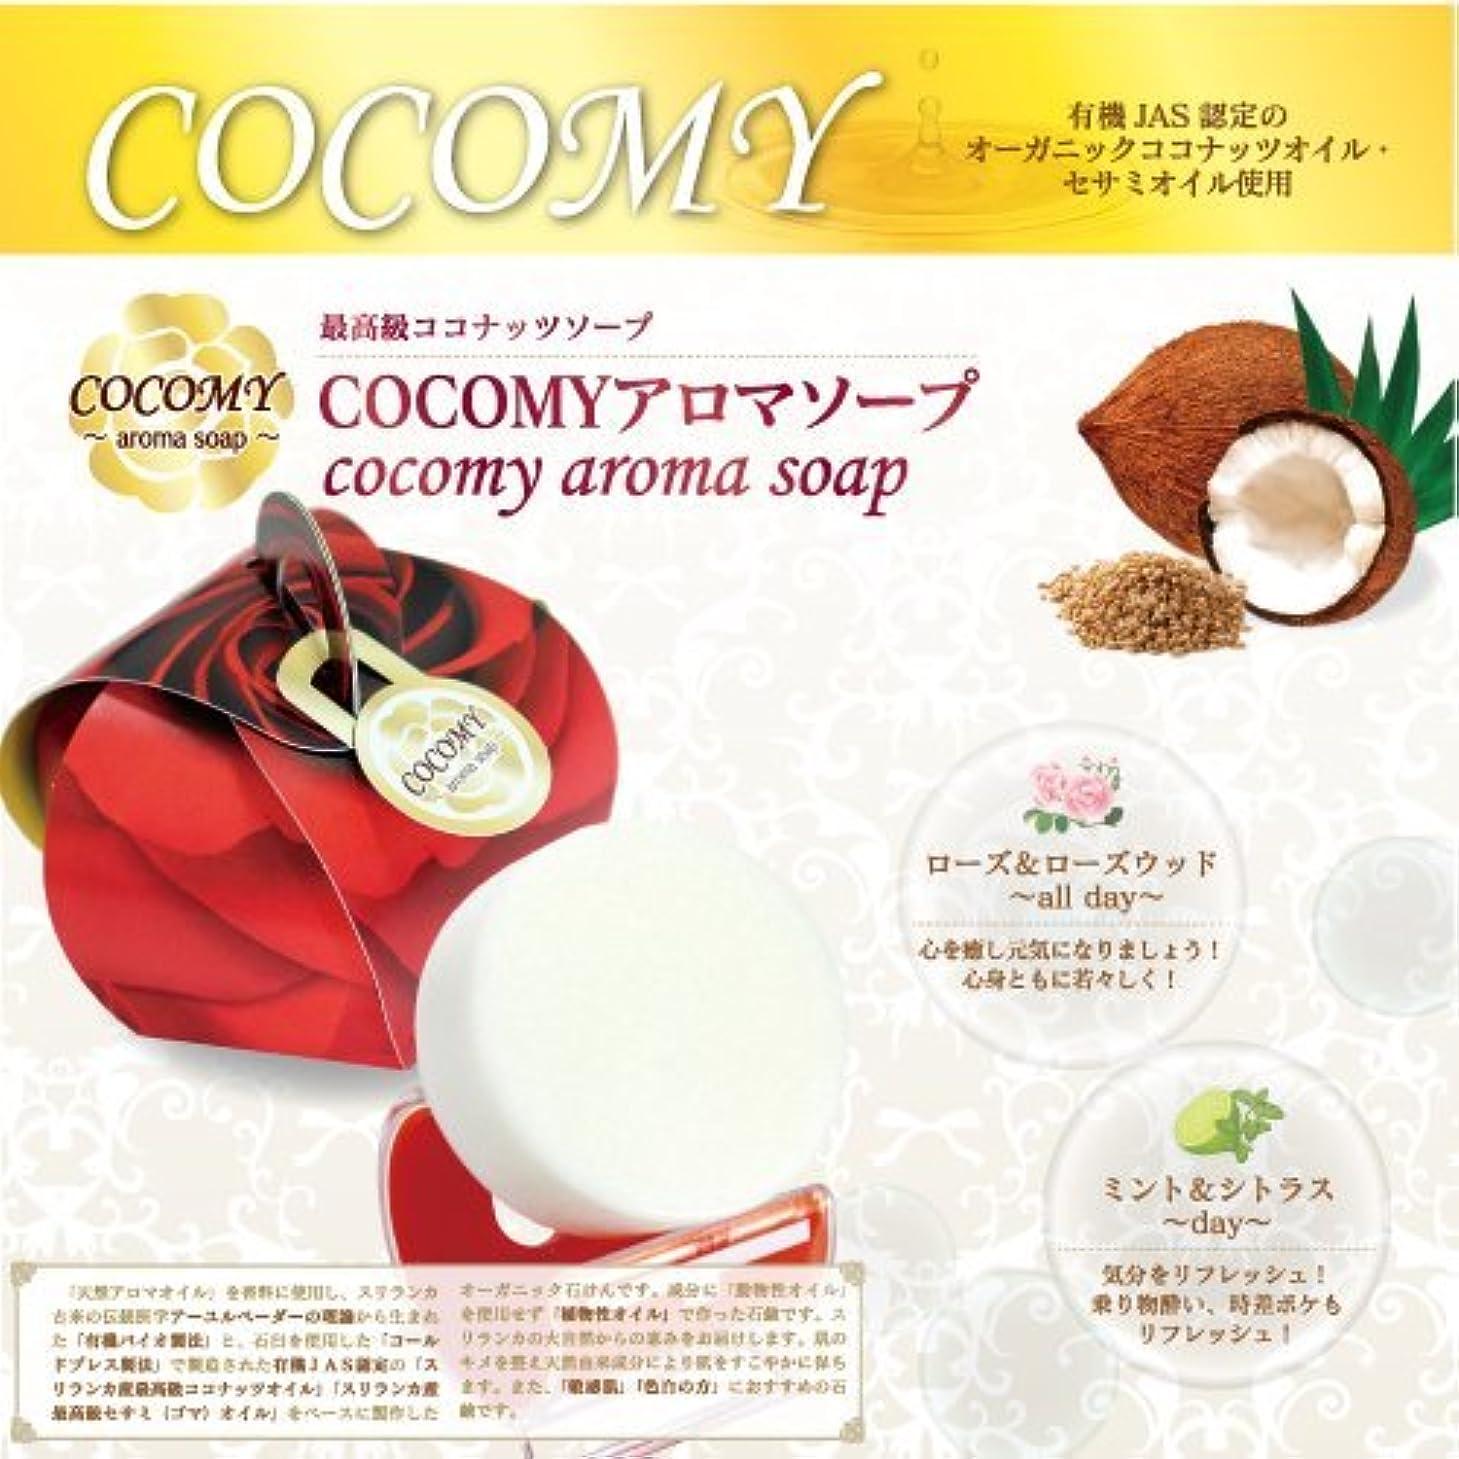 クリーク変化する干ばつCOCOMY aromaソープ 4個セット (ミント&シトラス)(ローズ&ローズウッド) 40g×各2